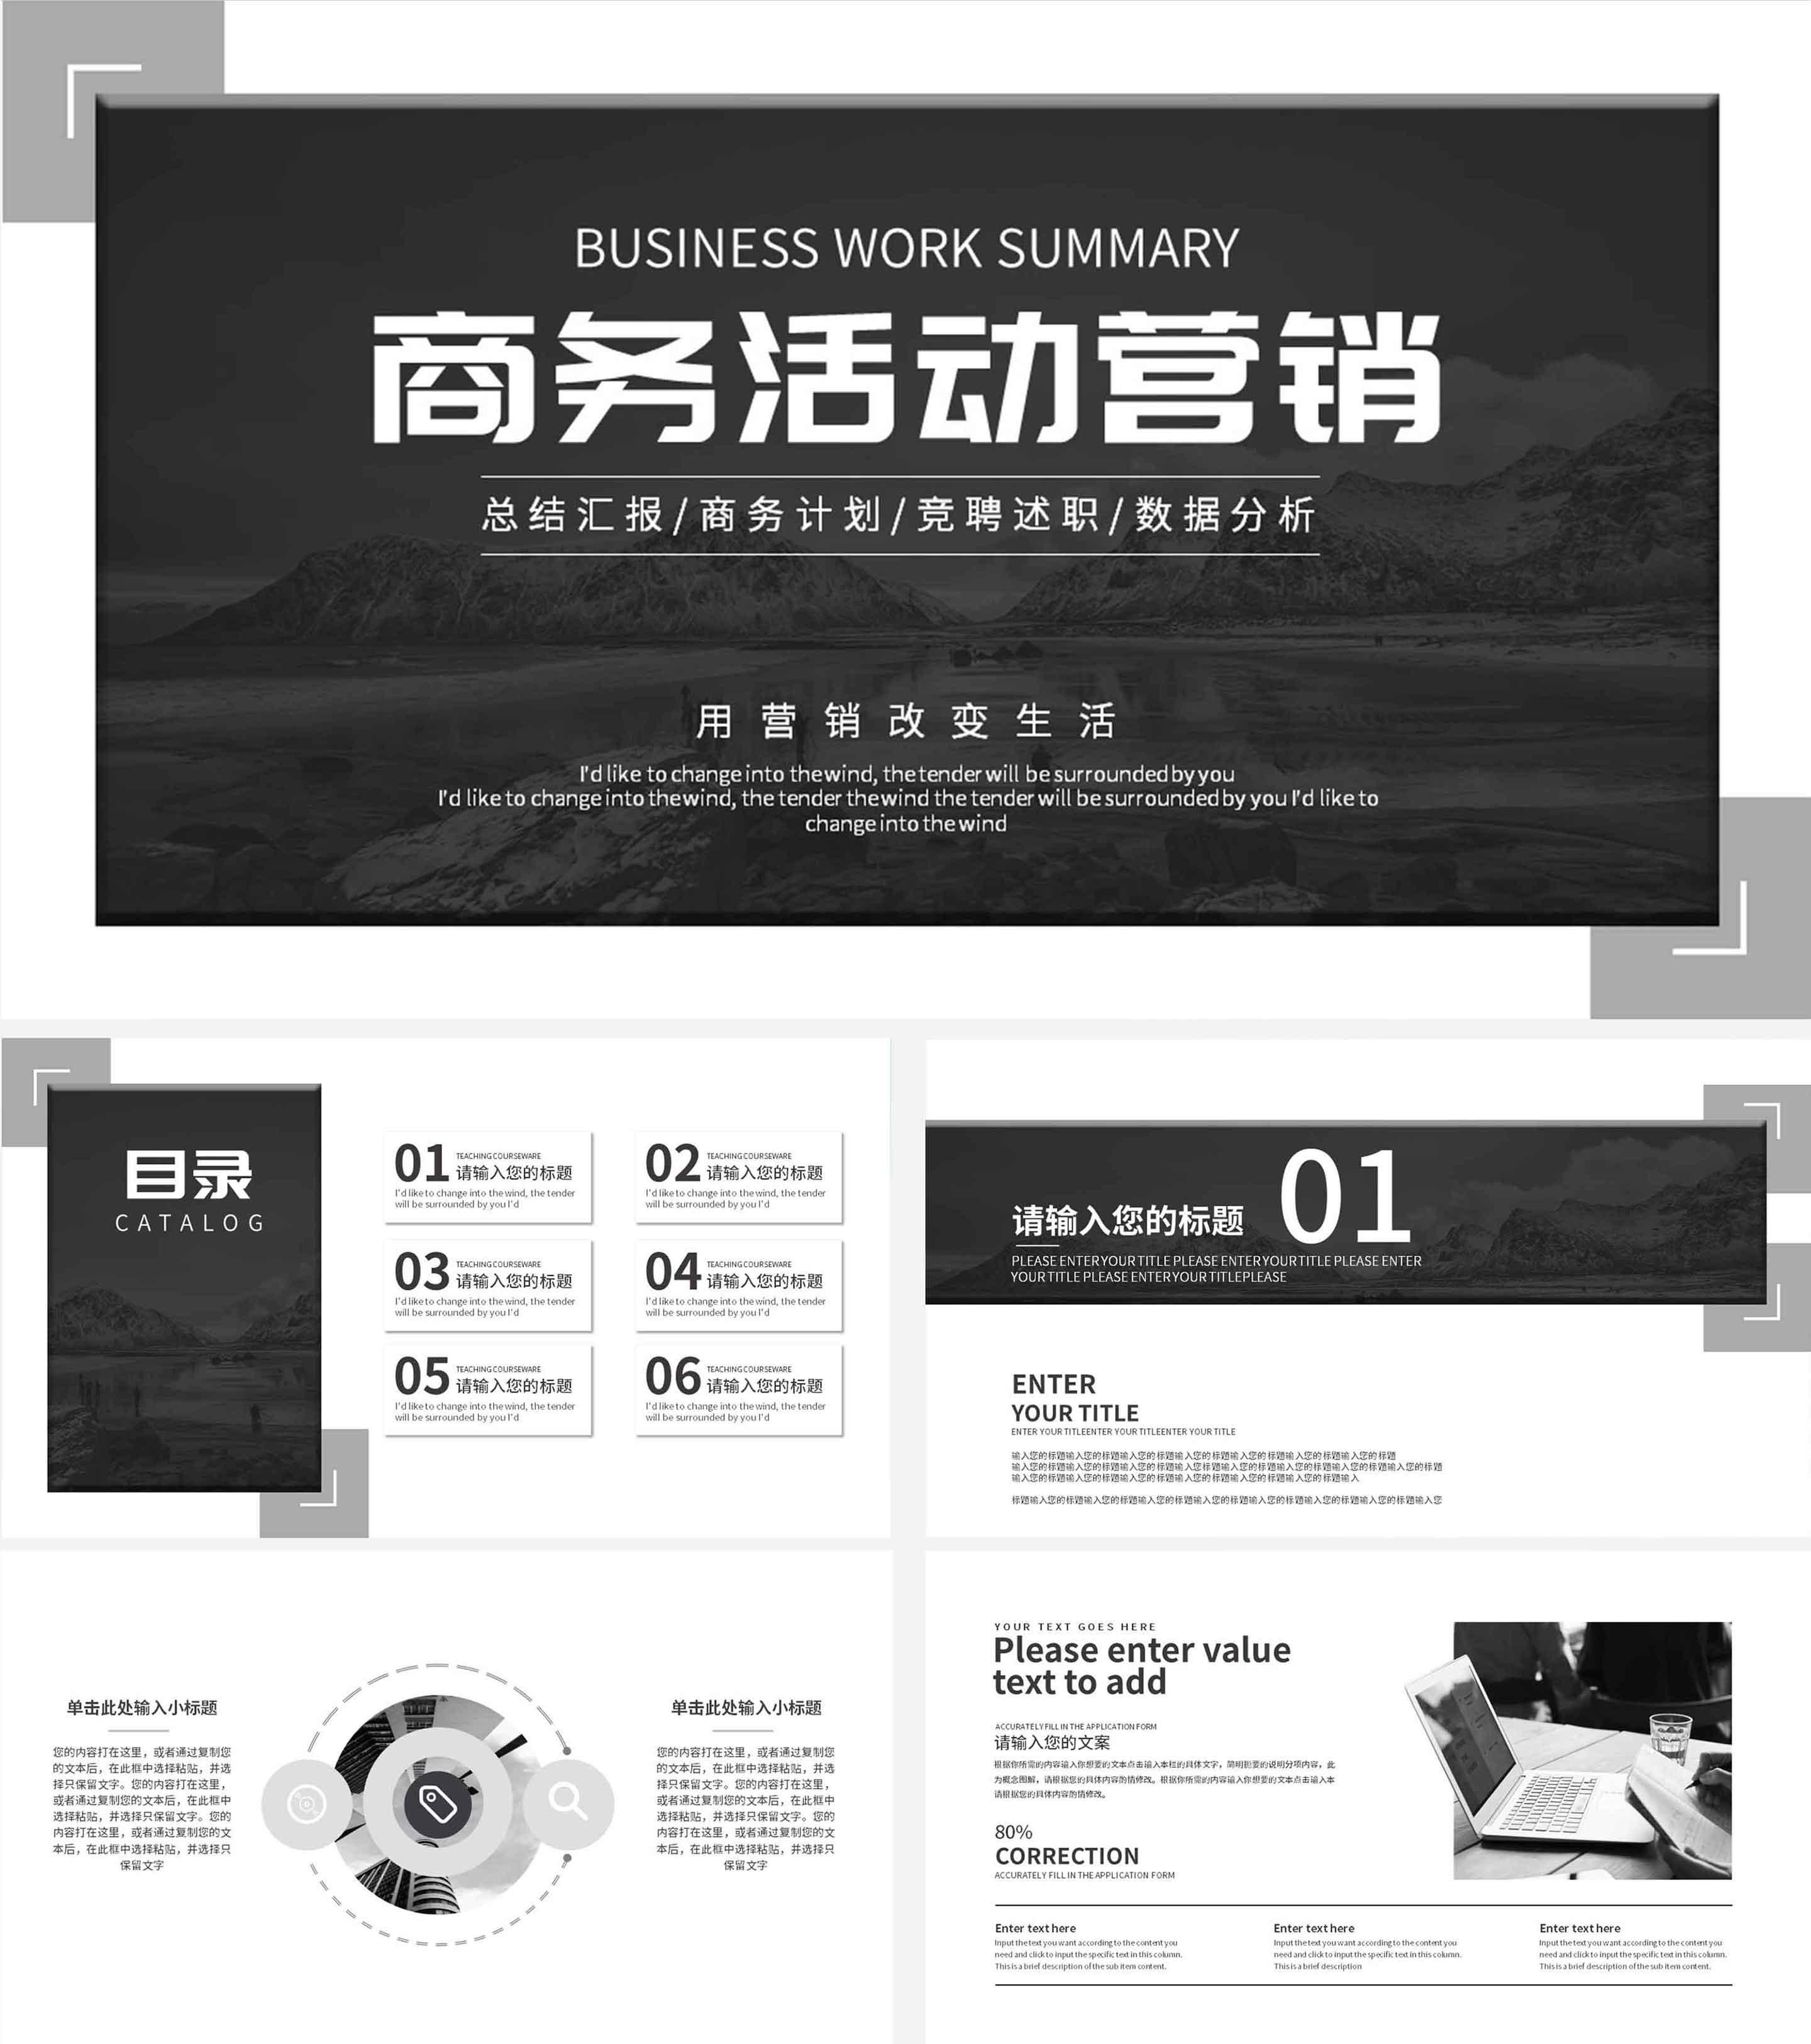 黑色商务风风景活动营销PPT模板